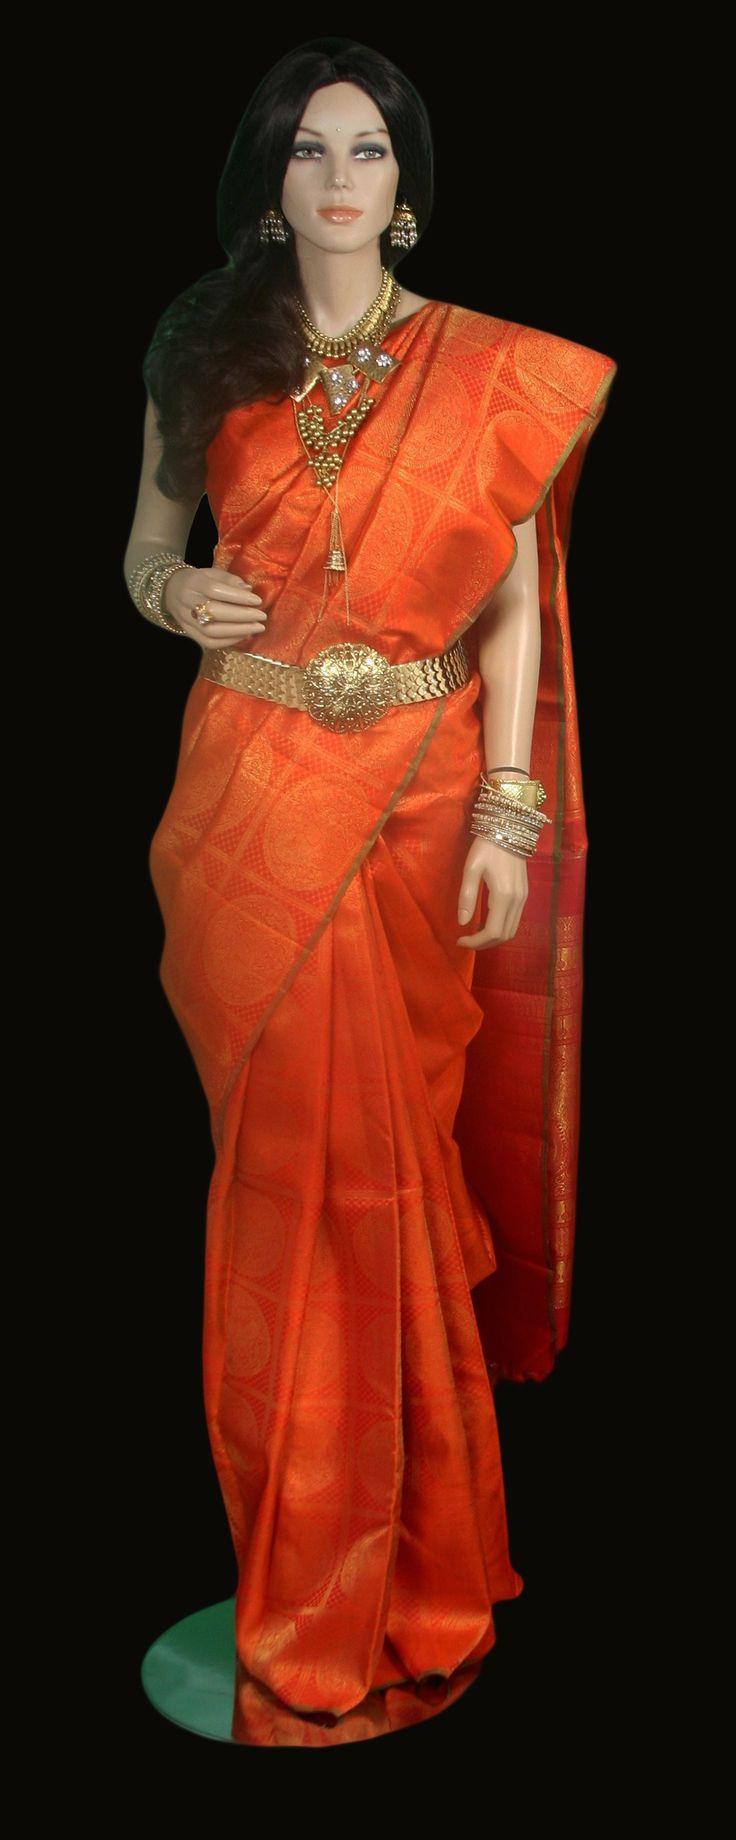 Orange Kanjeevaram Saree with Zari Motifs in Zari Squares #Kanjivaram #Sarees #IndianShopping